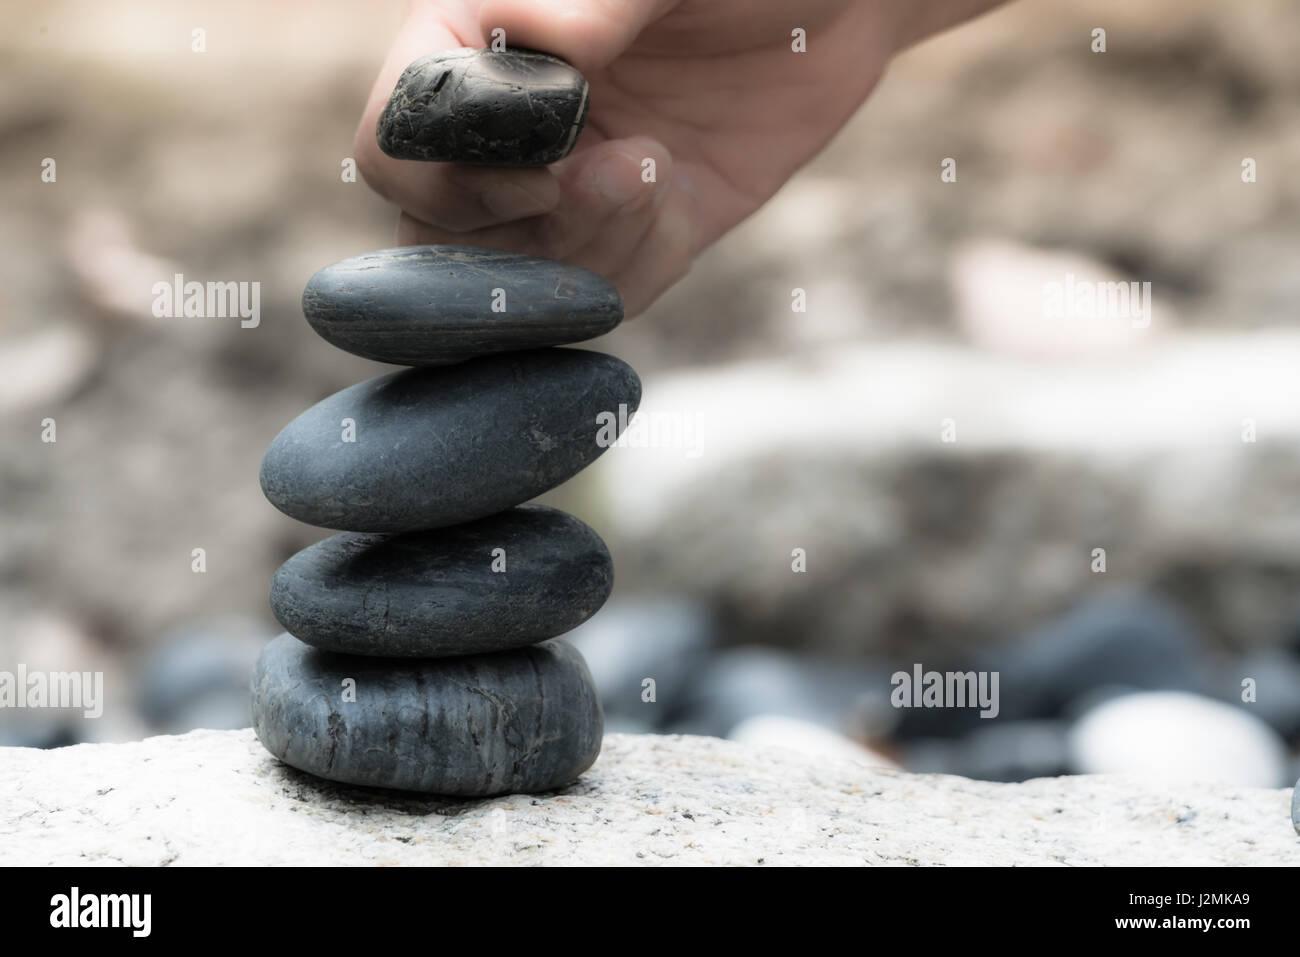 Alle erfolgreichen haben eine gute Unterstützung, Zen Stone, Gleichgewicht, Rock, friedliche Konzept Stockbild